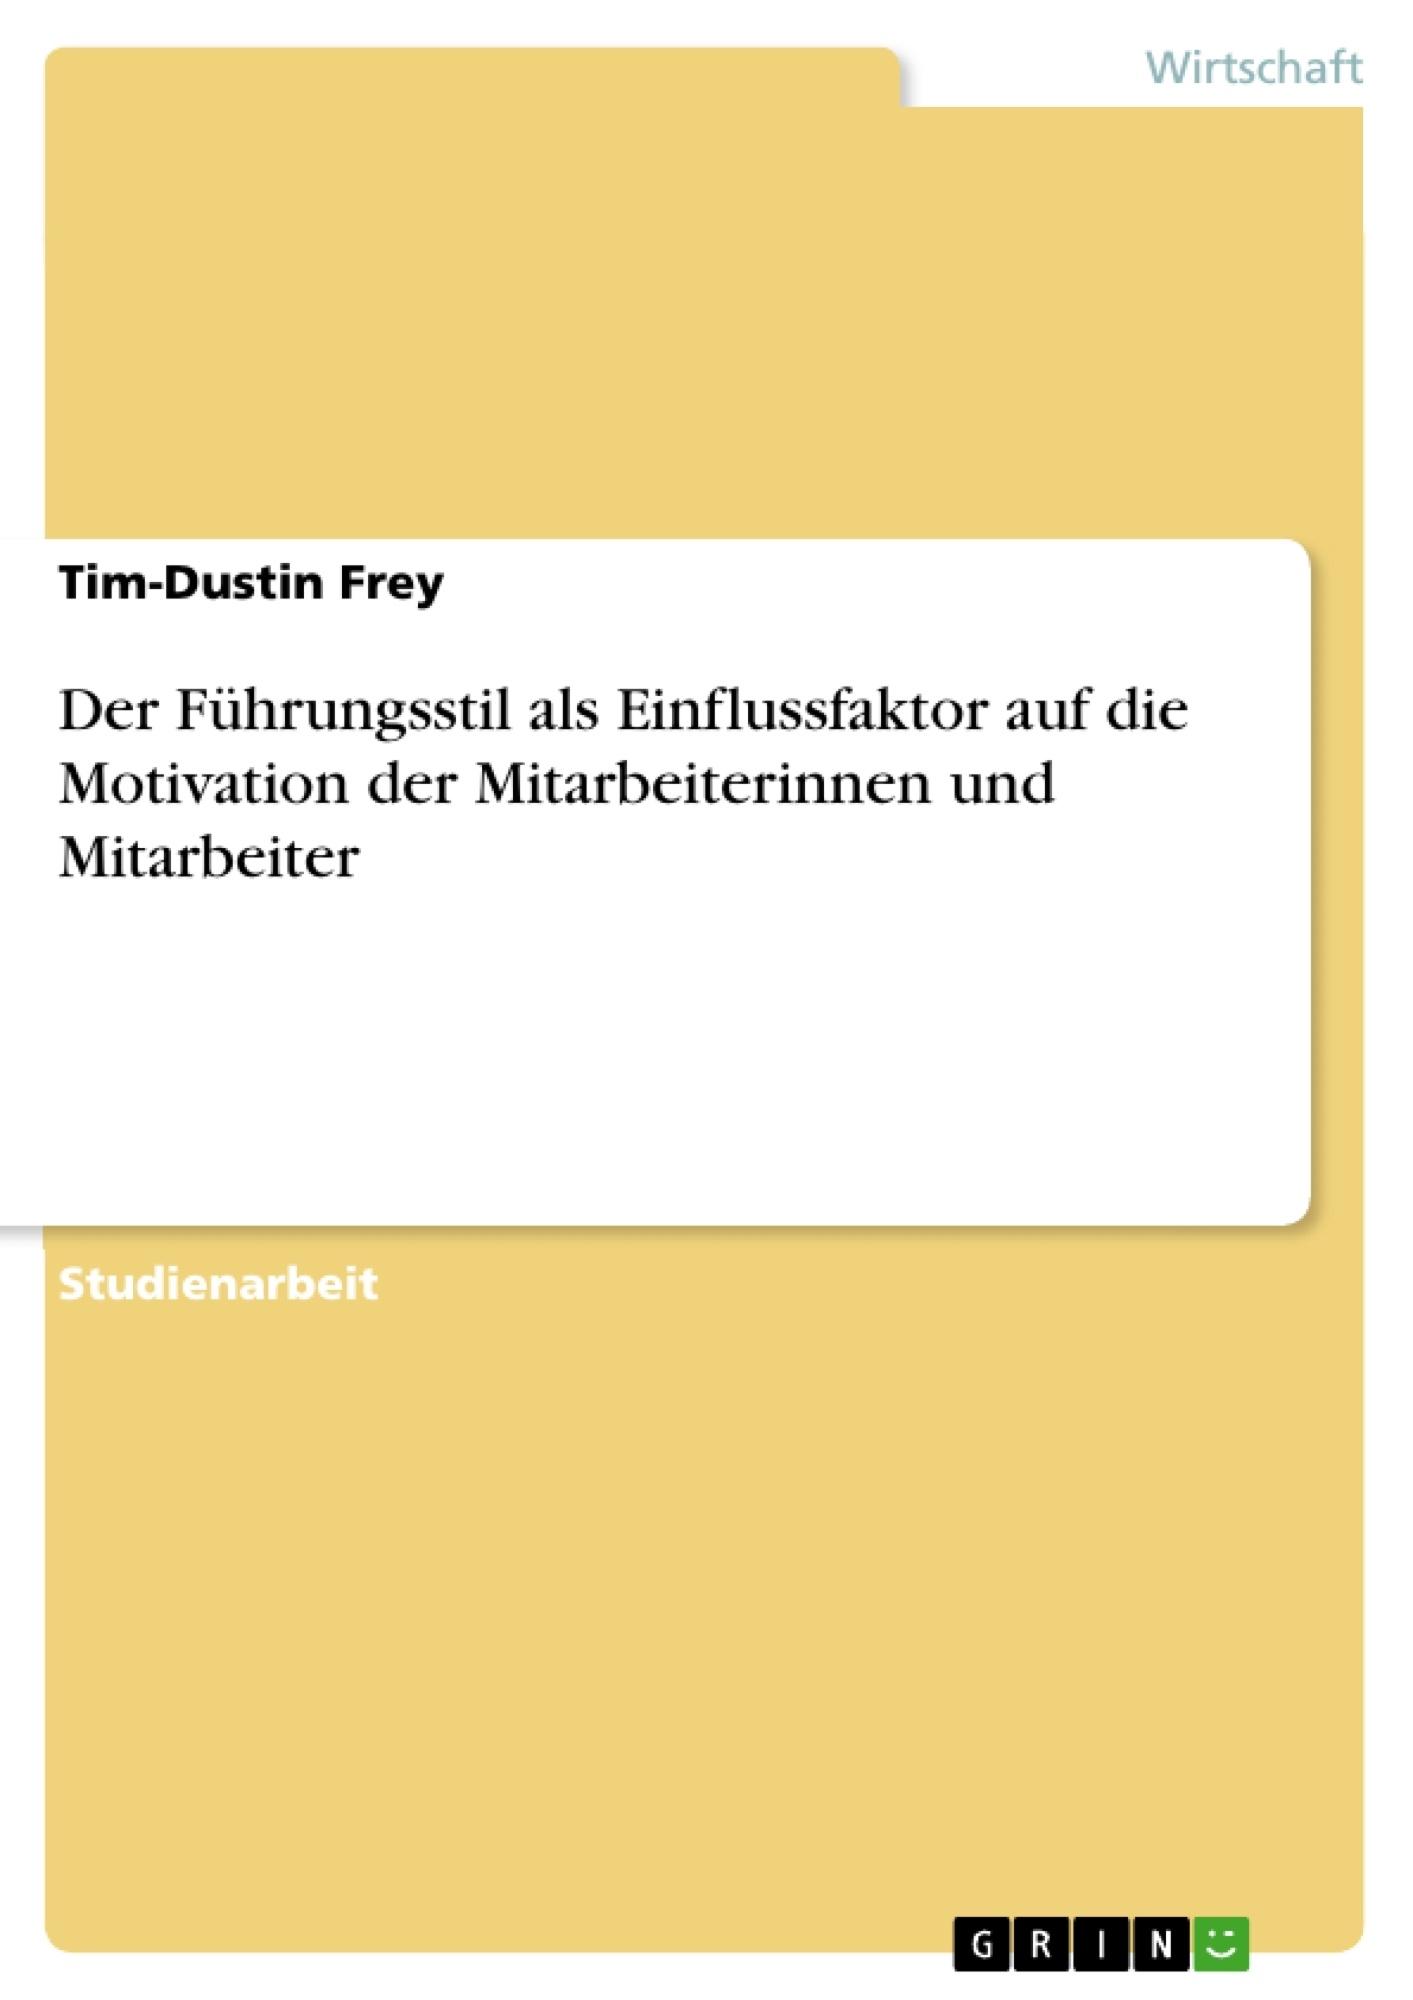 Titel: Der Führungsstil als Einflussfaktor auf die Motivation der  Mitarbeiterinnen und Mitarbeiter